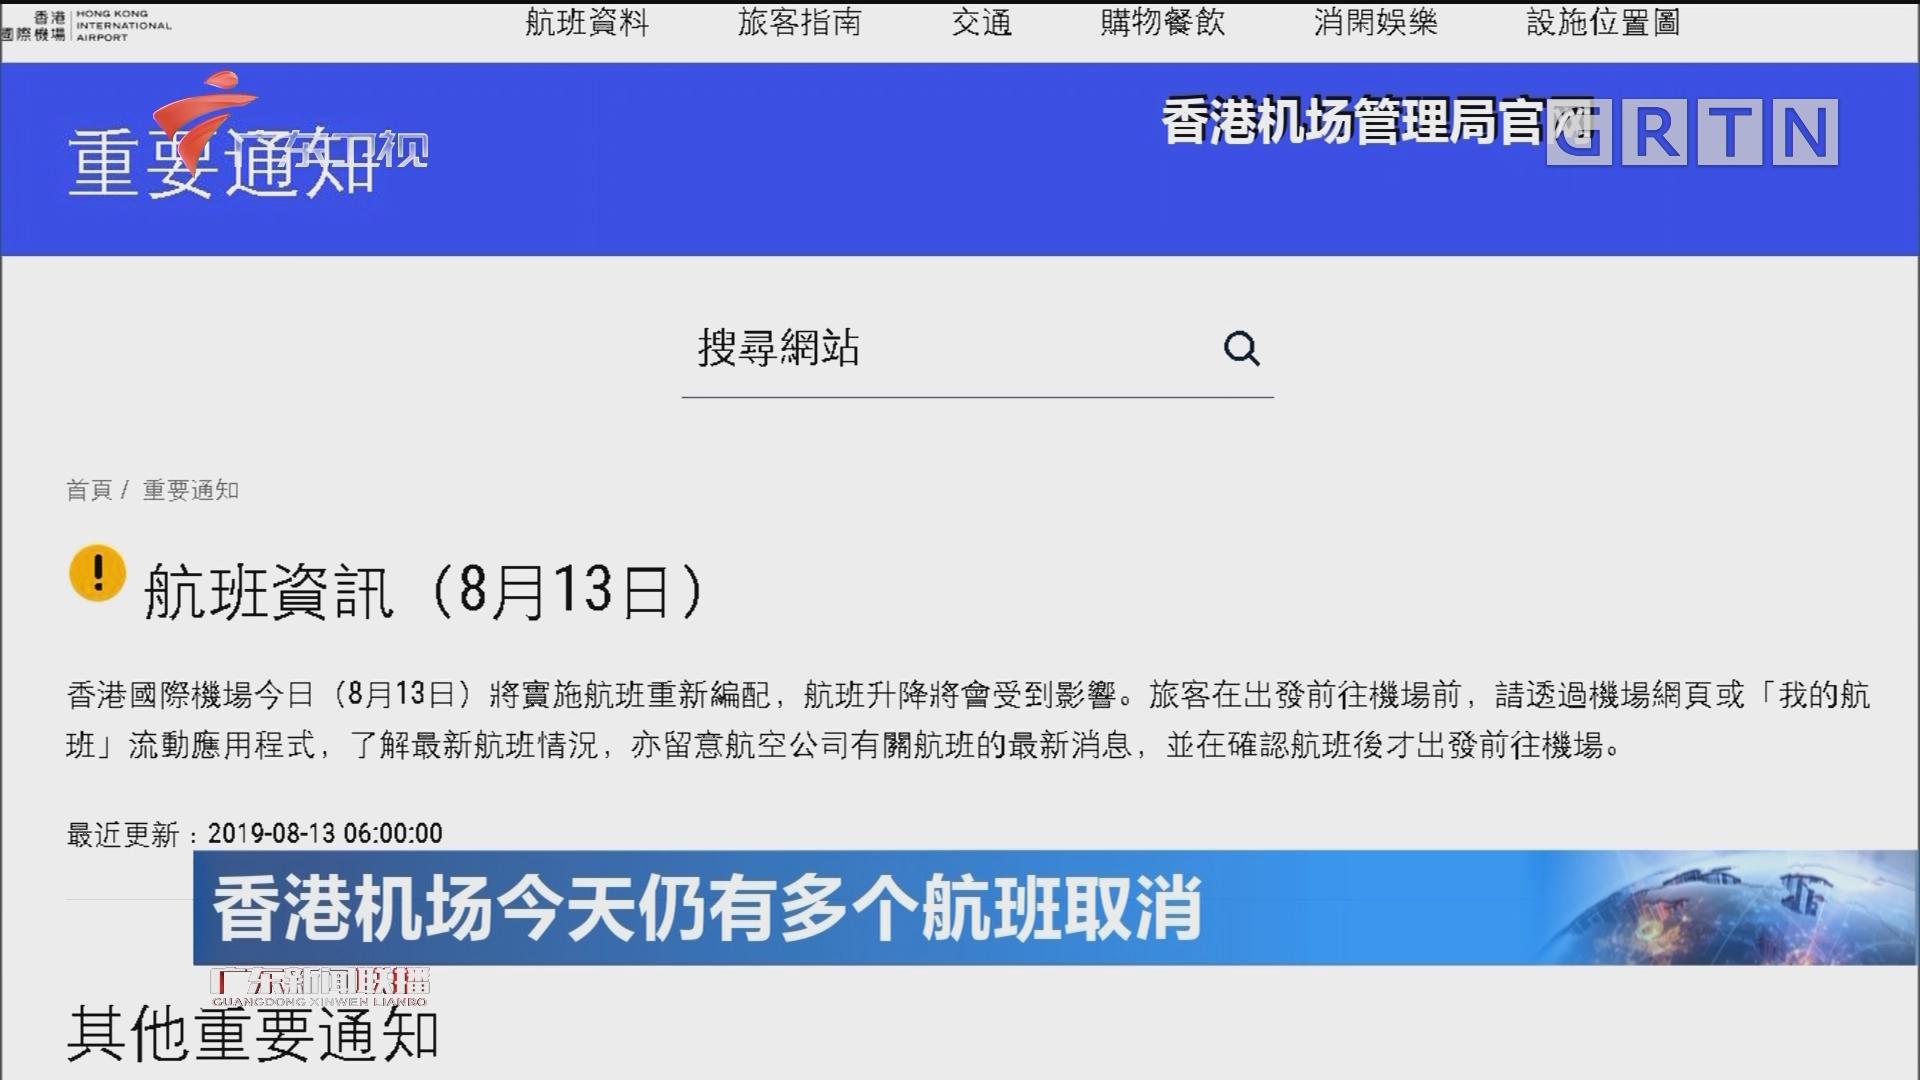 香港机场今天仍有多个航班取消